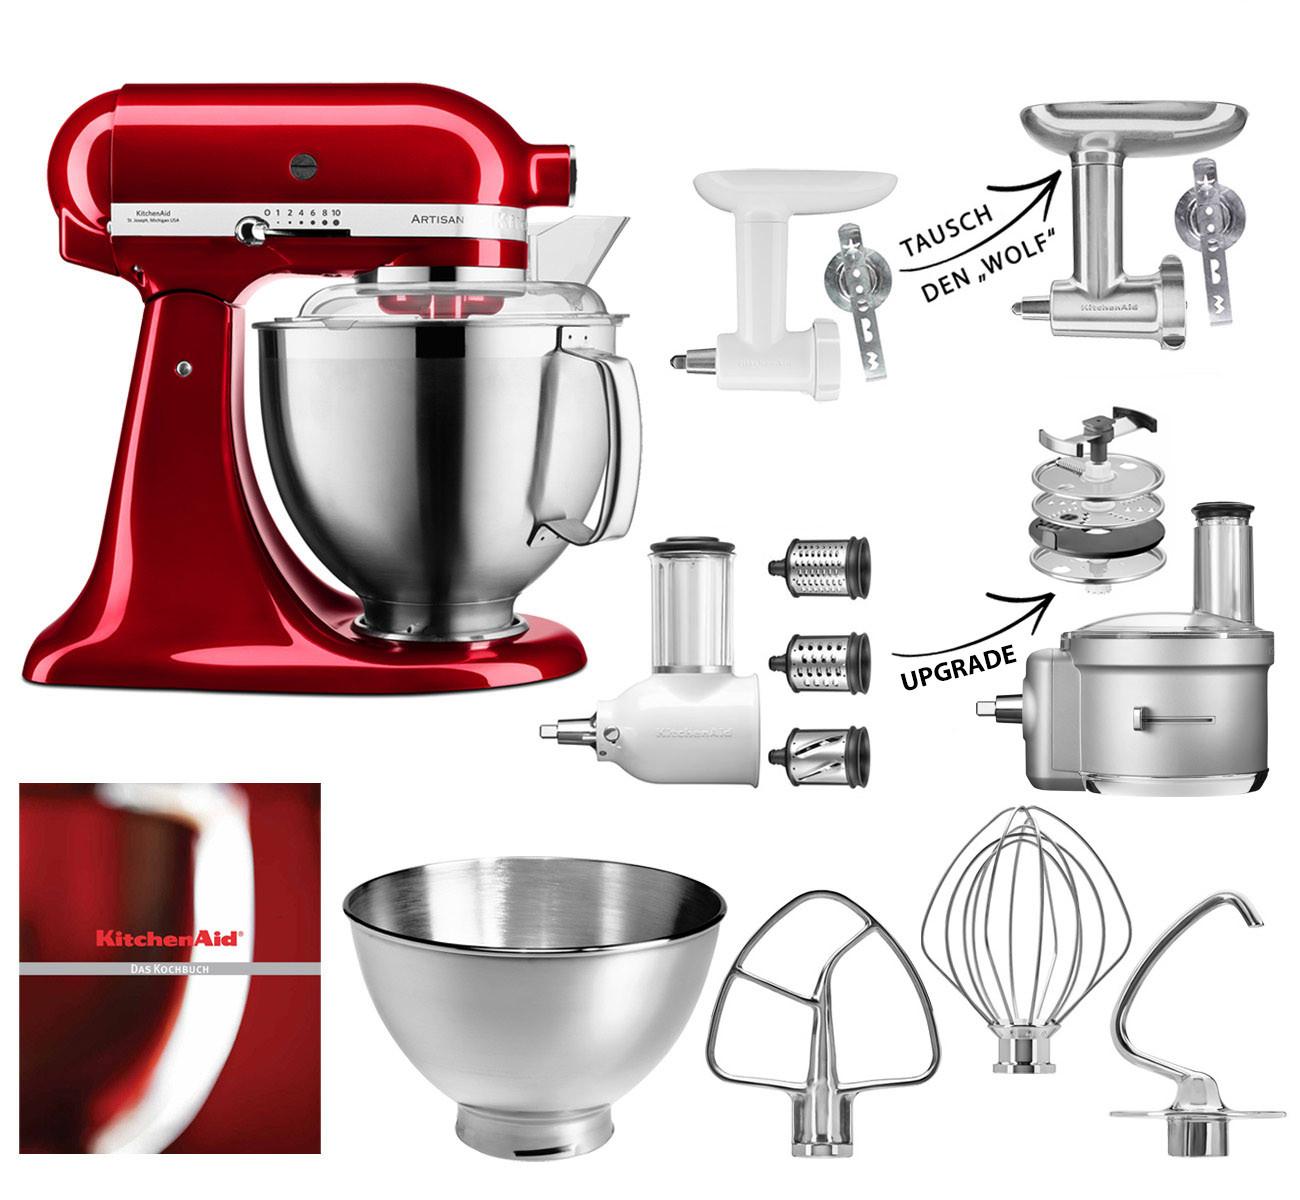 KitchenAid Küchenmaschine 185PS Fleischwolf Gemüseschneider Set